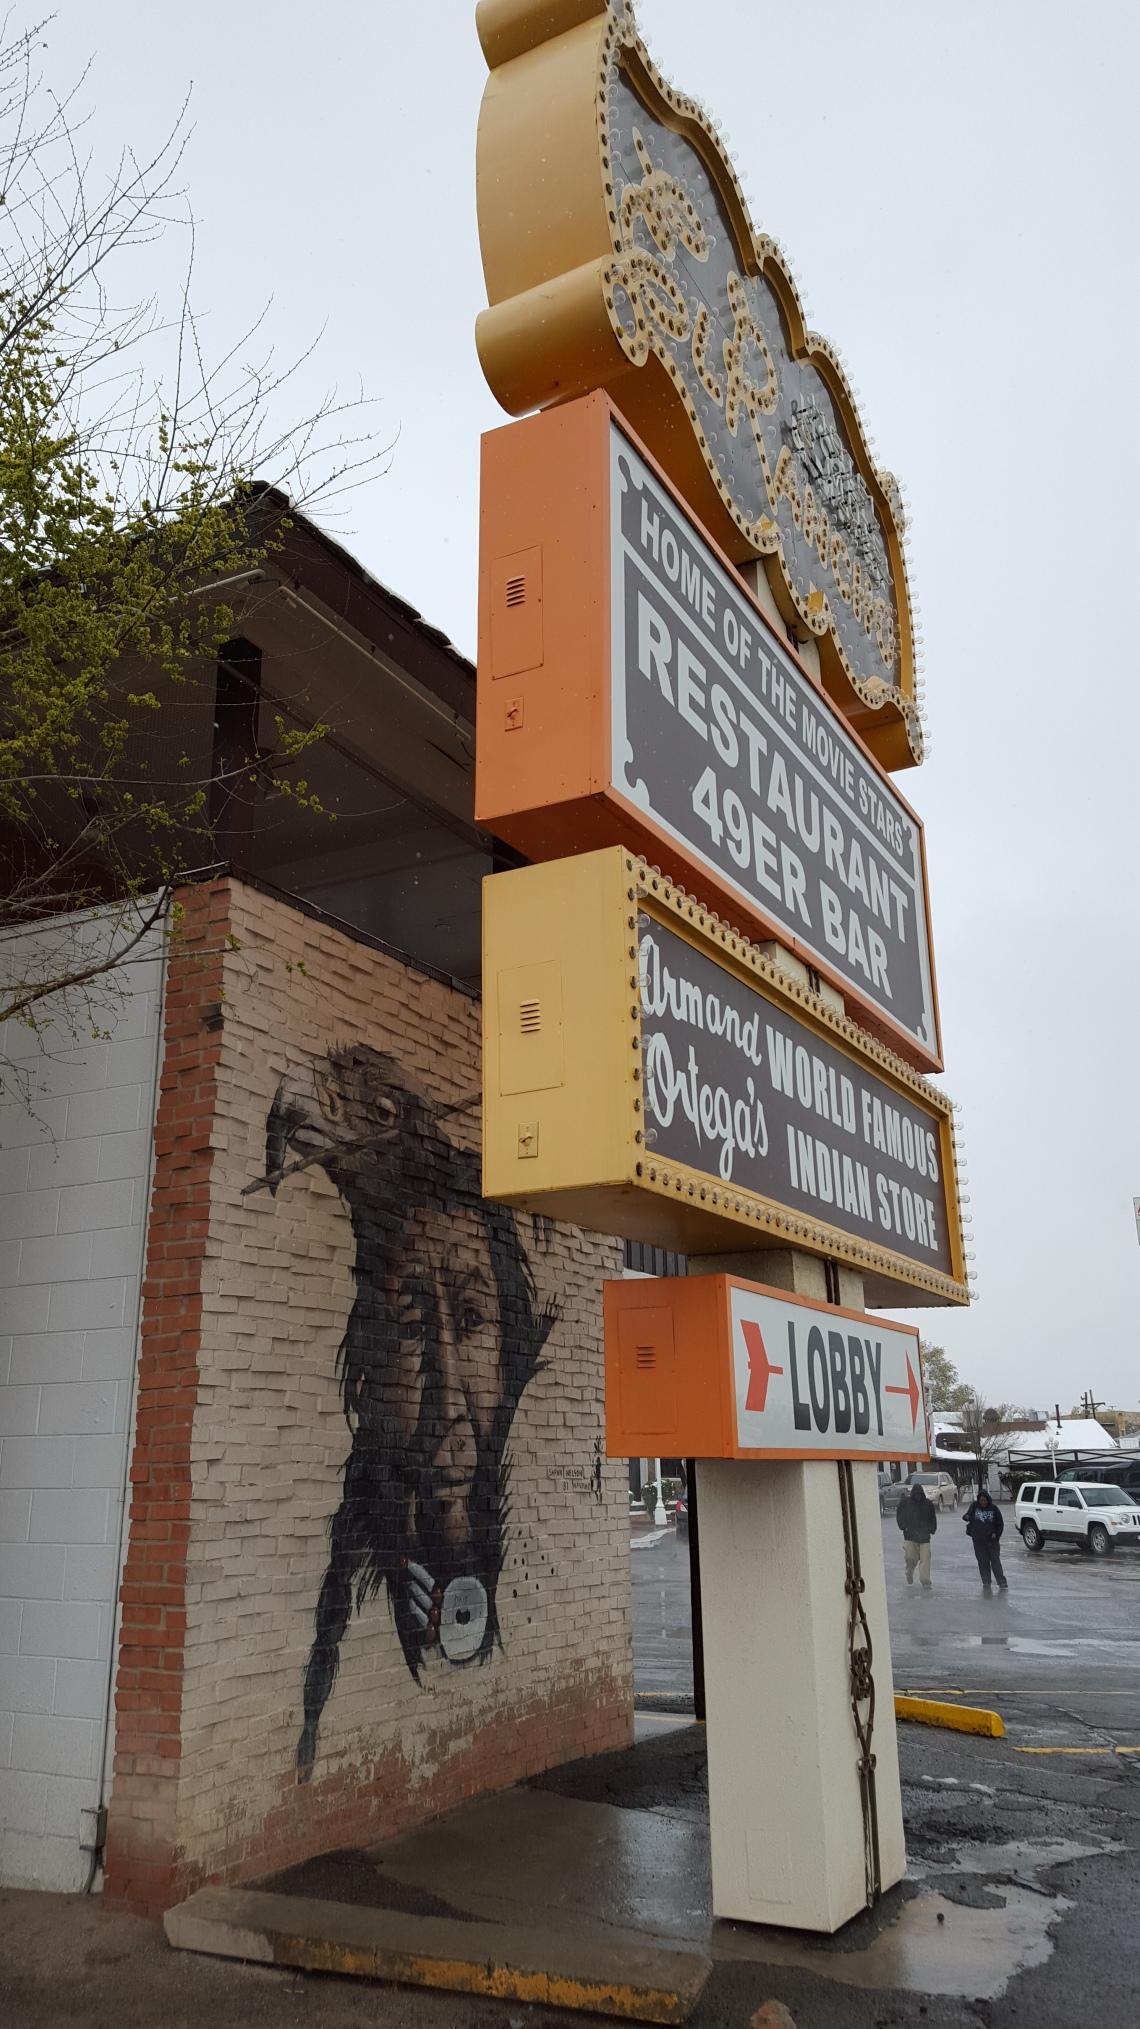 El Rancho Hotel Gallup NM 17.04.1620160416_112045